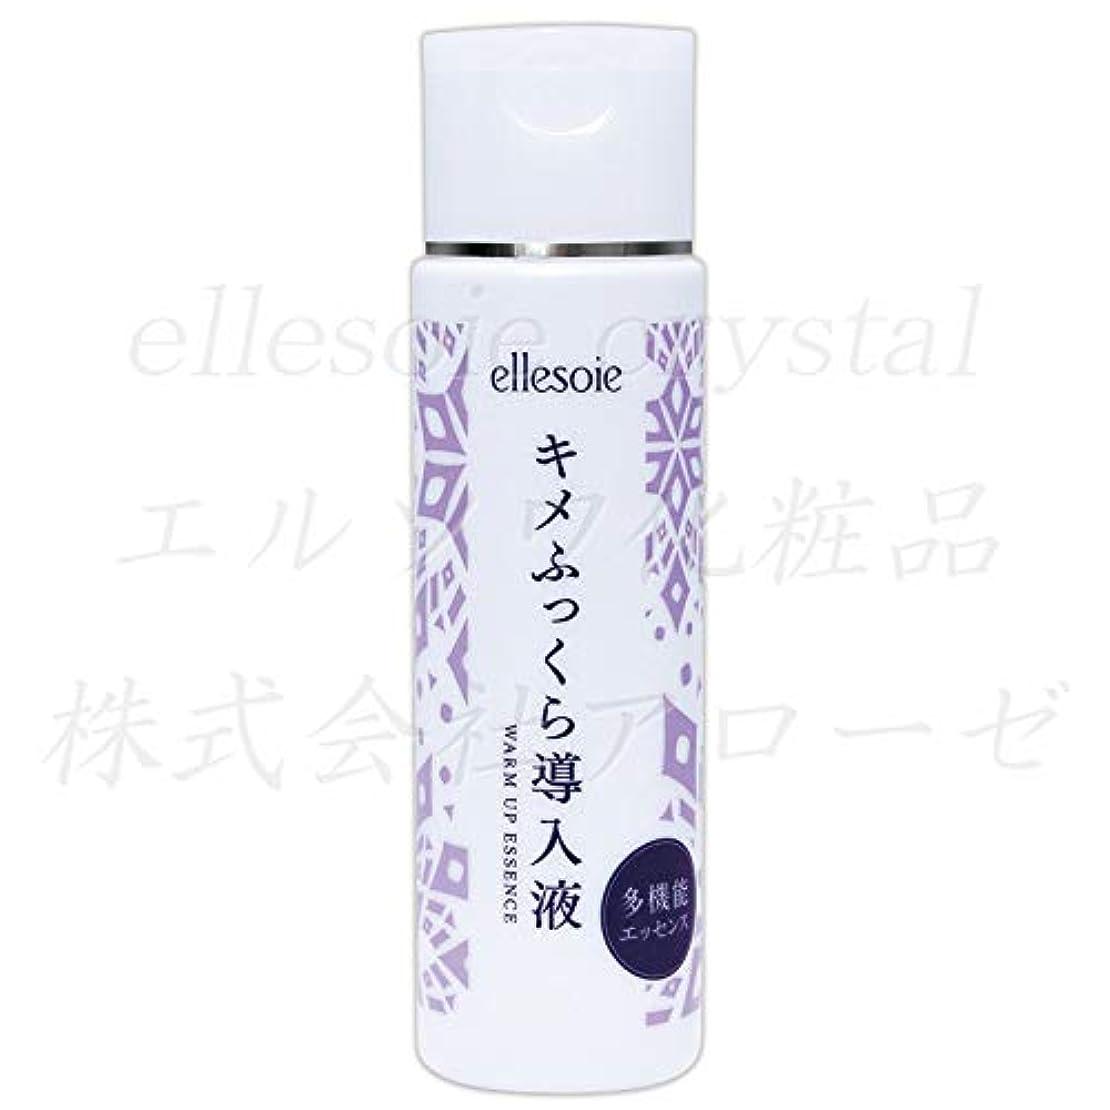 ワイプマニュアル解決するエルソワ化粧品(ellesoie) キメふっくら導入液